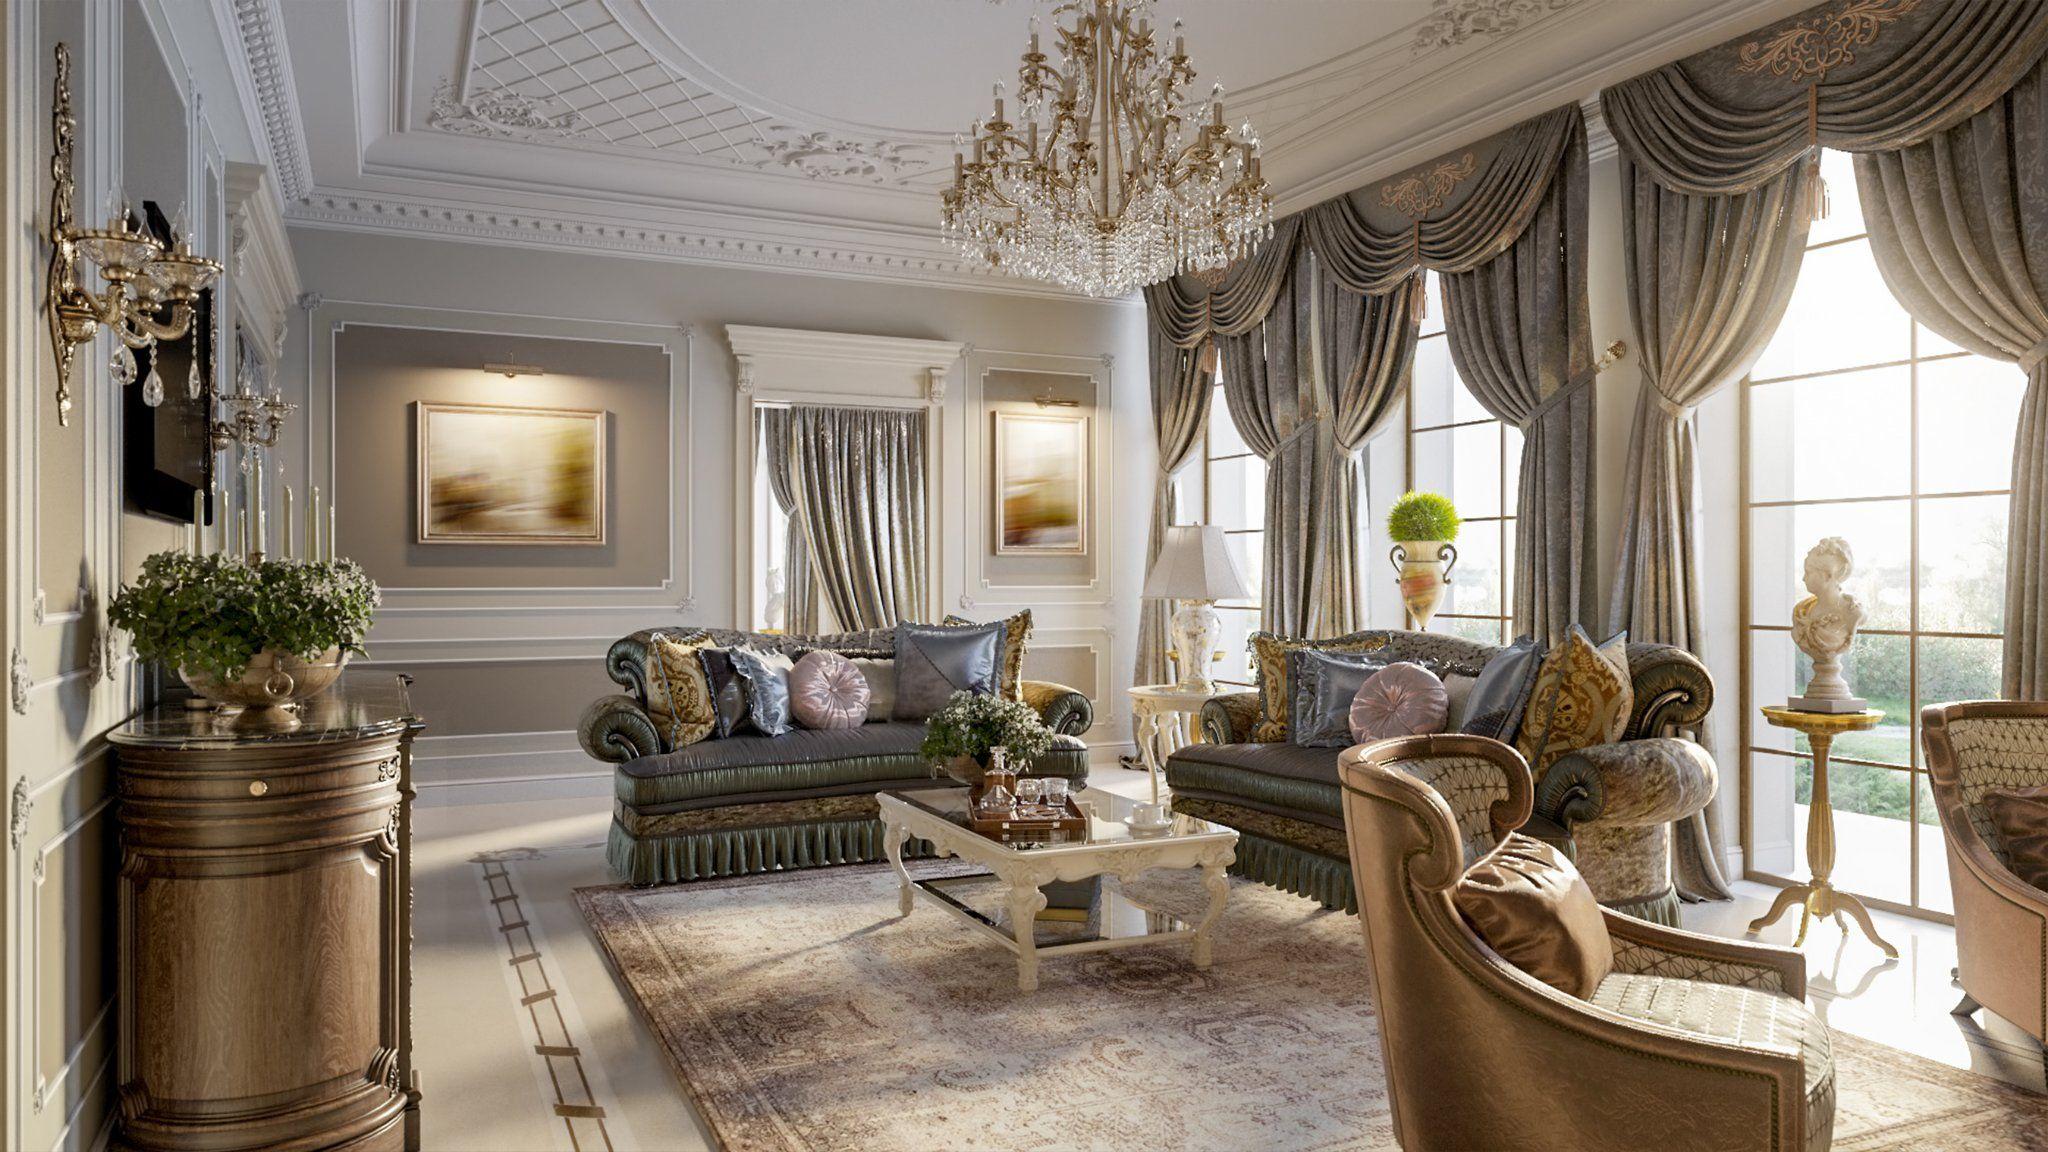 Spesso si ritagliano degli spazi nel soggiorno o nella camera da letto, con la toeletta o le poltroncine in velluto, oppure aggiungendo tavolini intarsiati e grandi specchi in ottone dorato. Casa In Stile Barocco Instapro